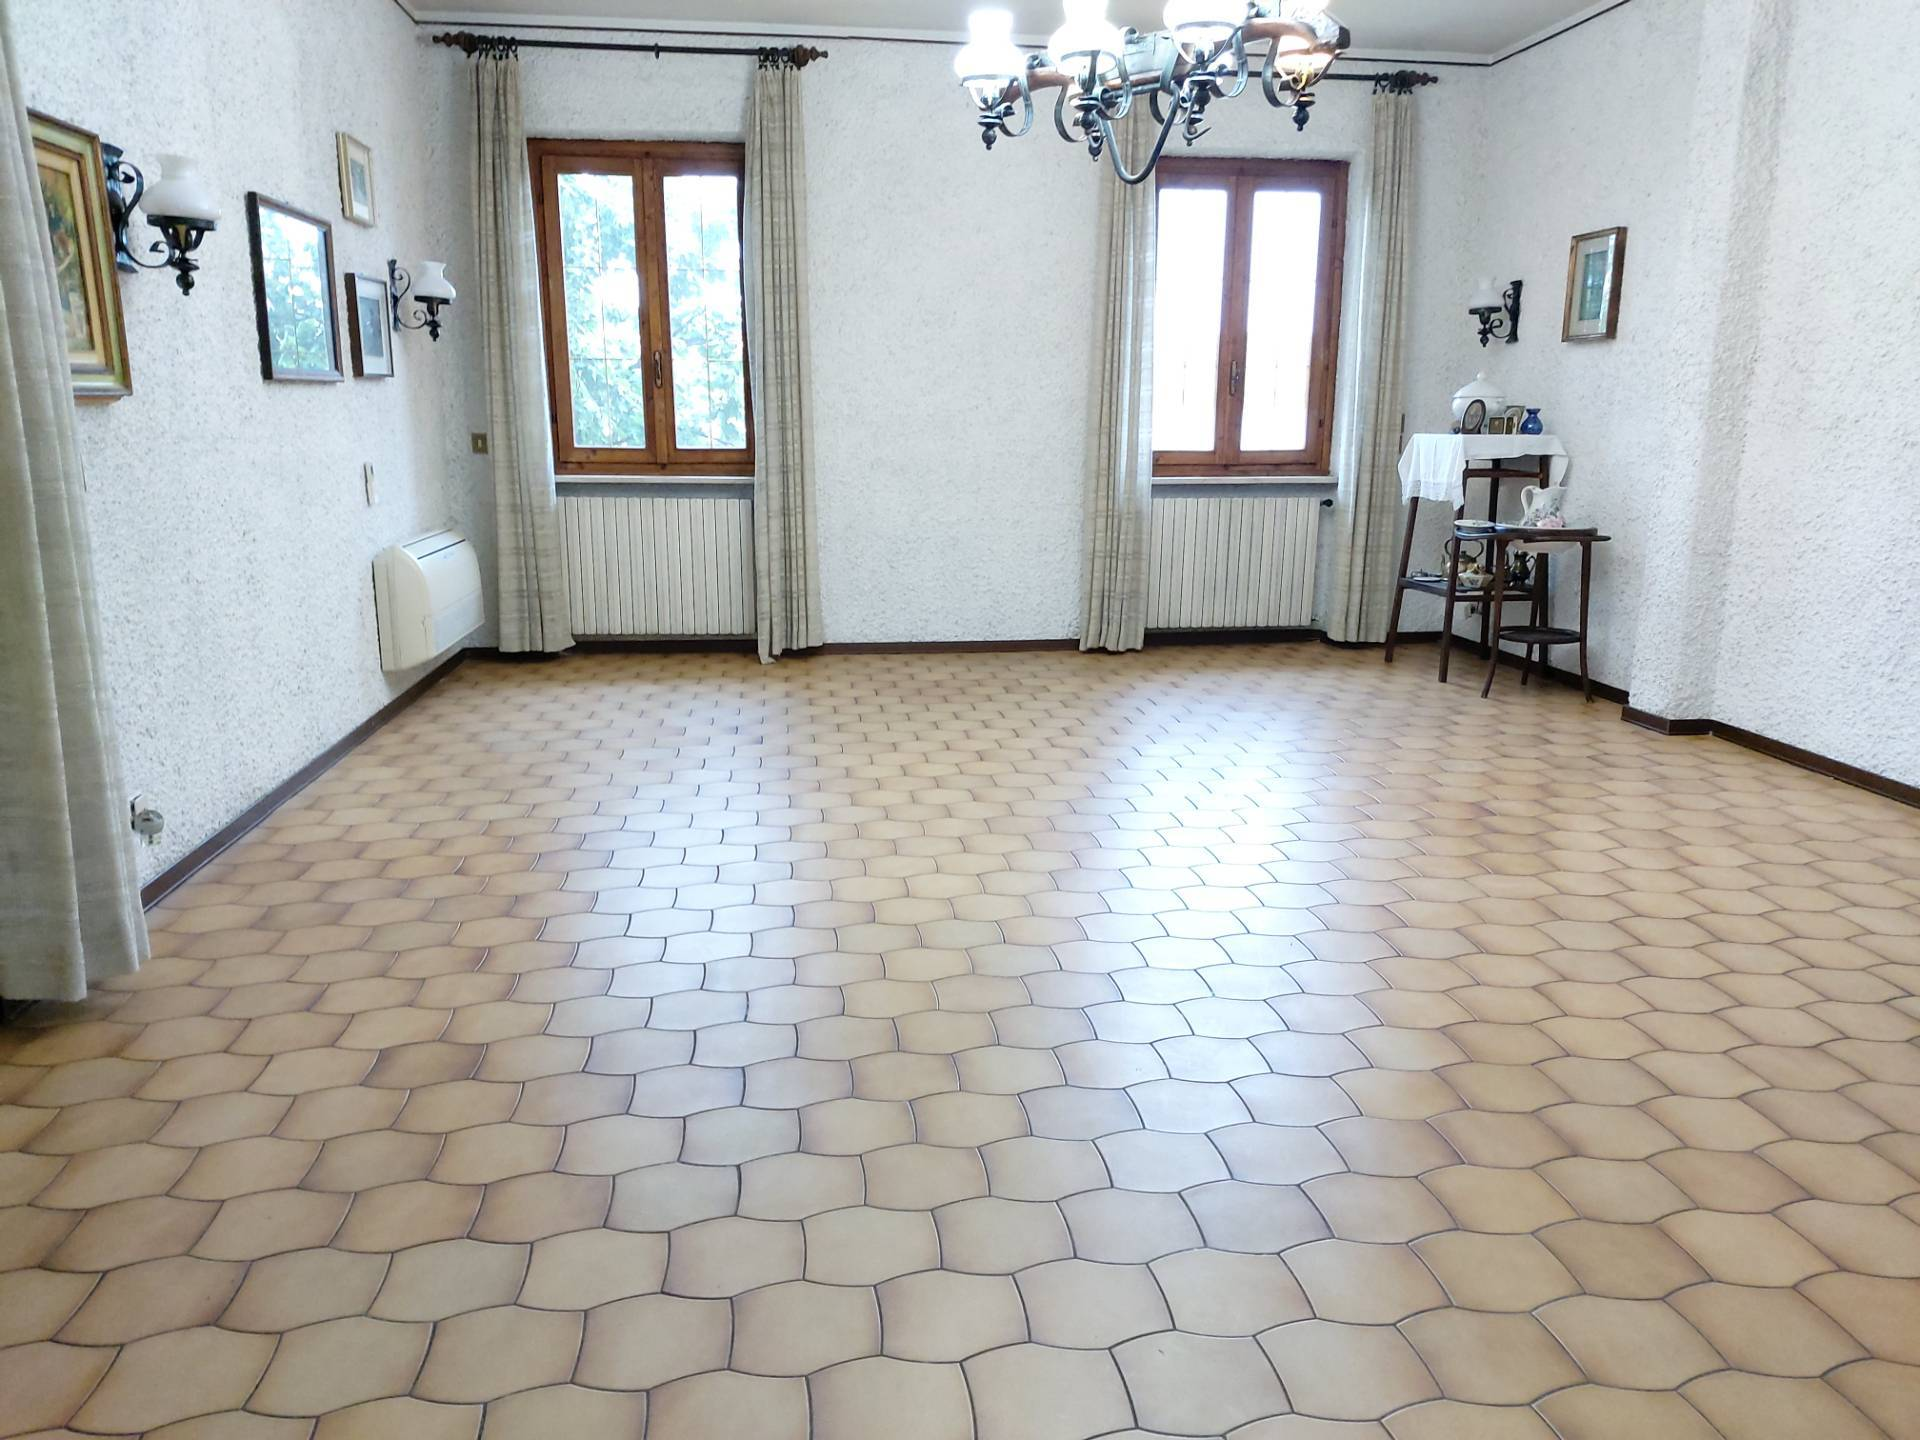 Appartamento in vendita a Flero, 4 locali, prezzo € 214.000 | CambioCasa.it